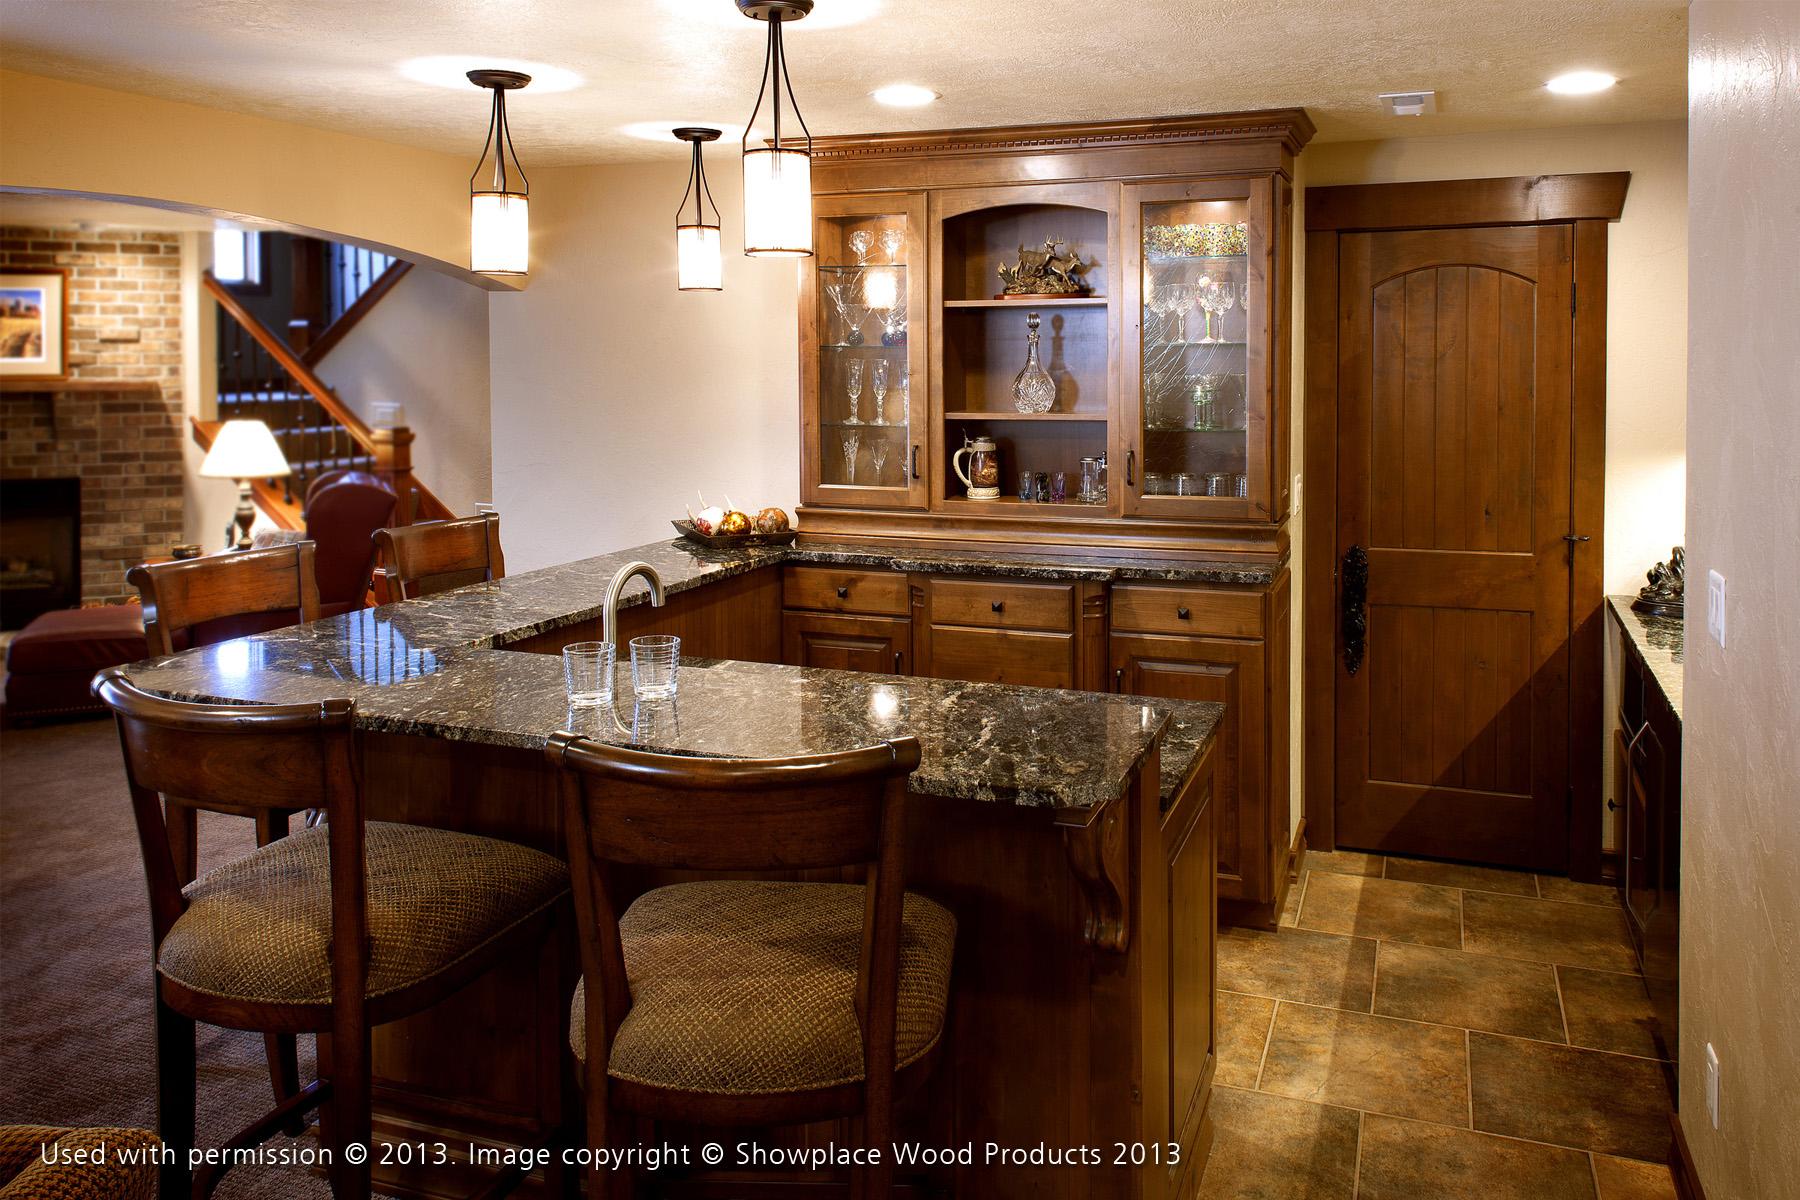 DreamMaker Bath & Kitchen Of